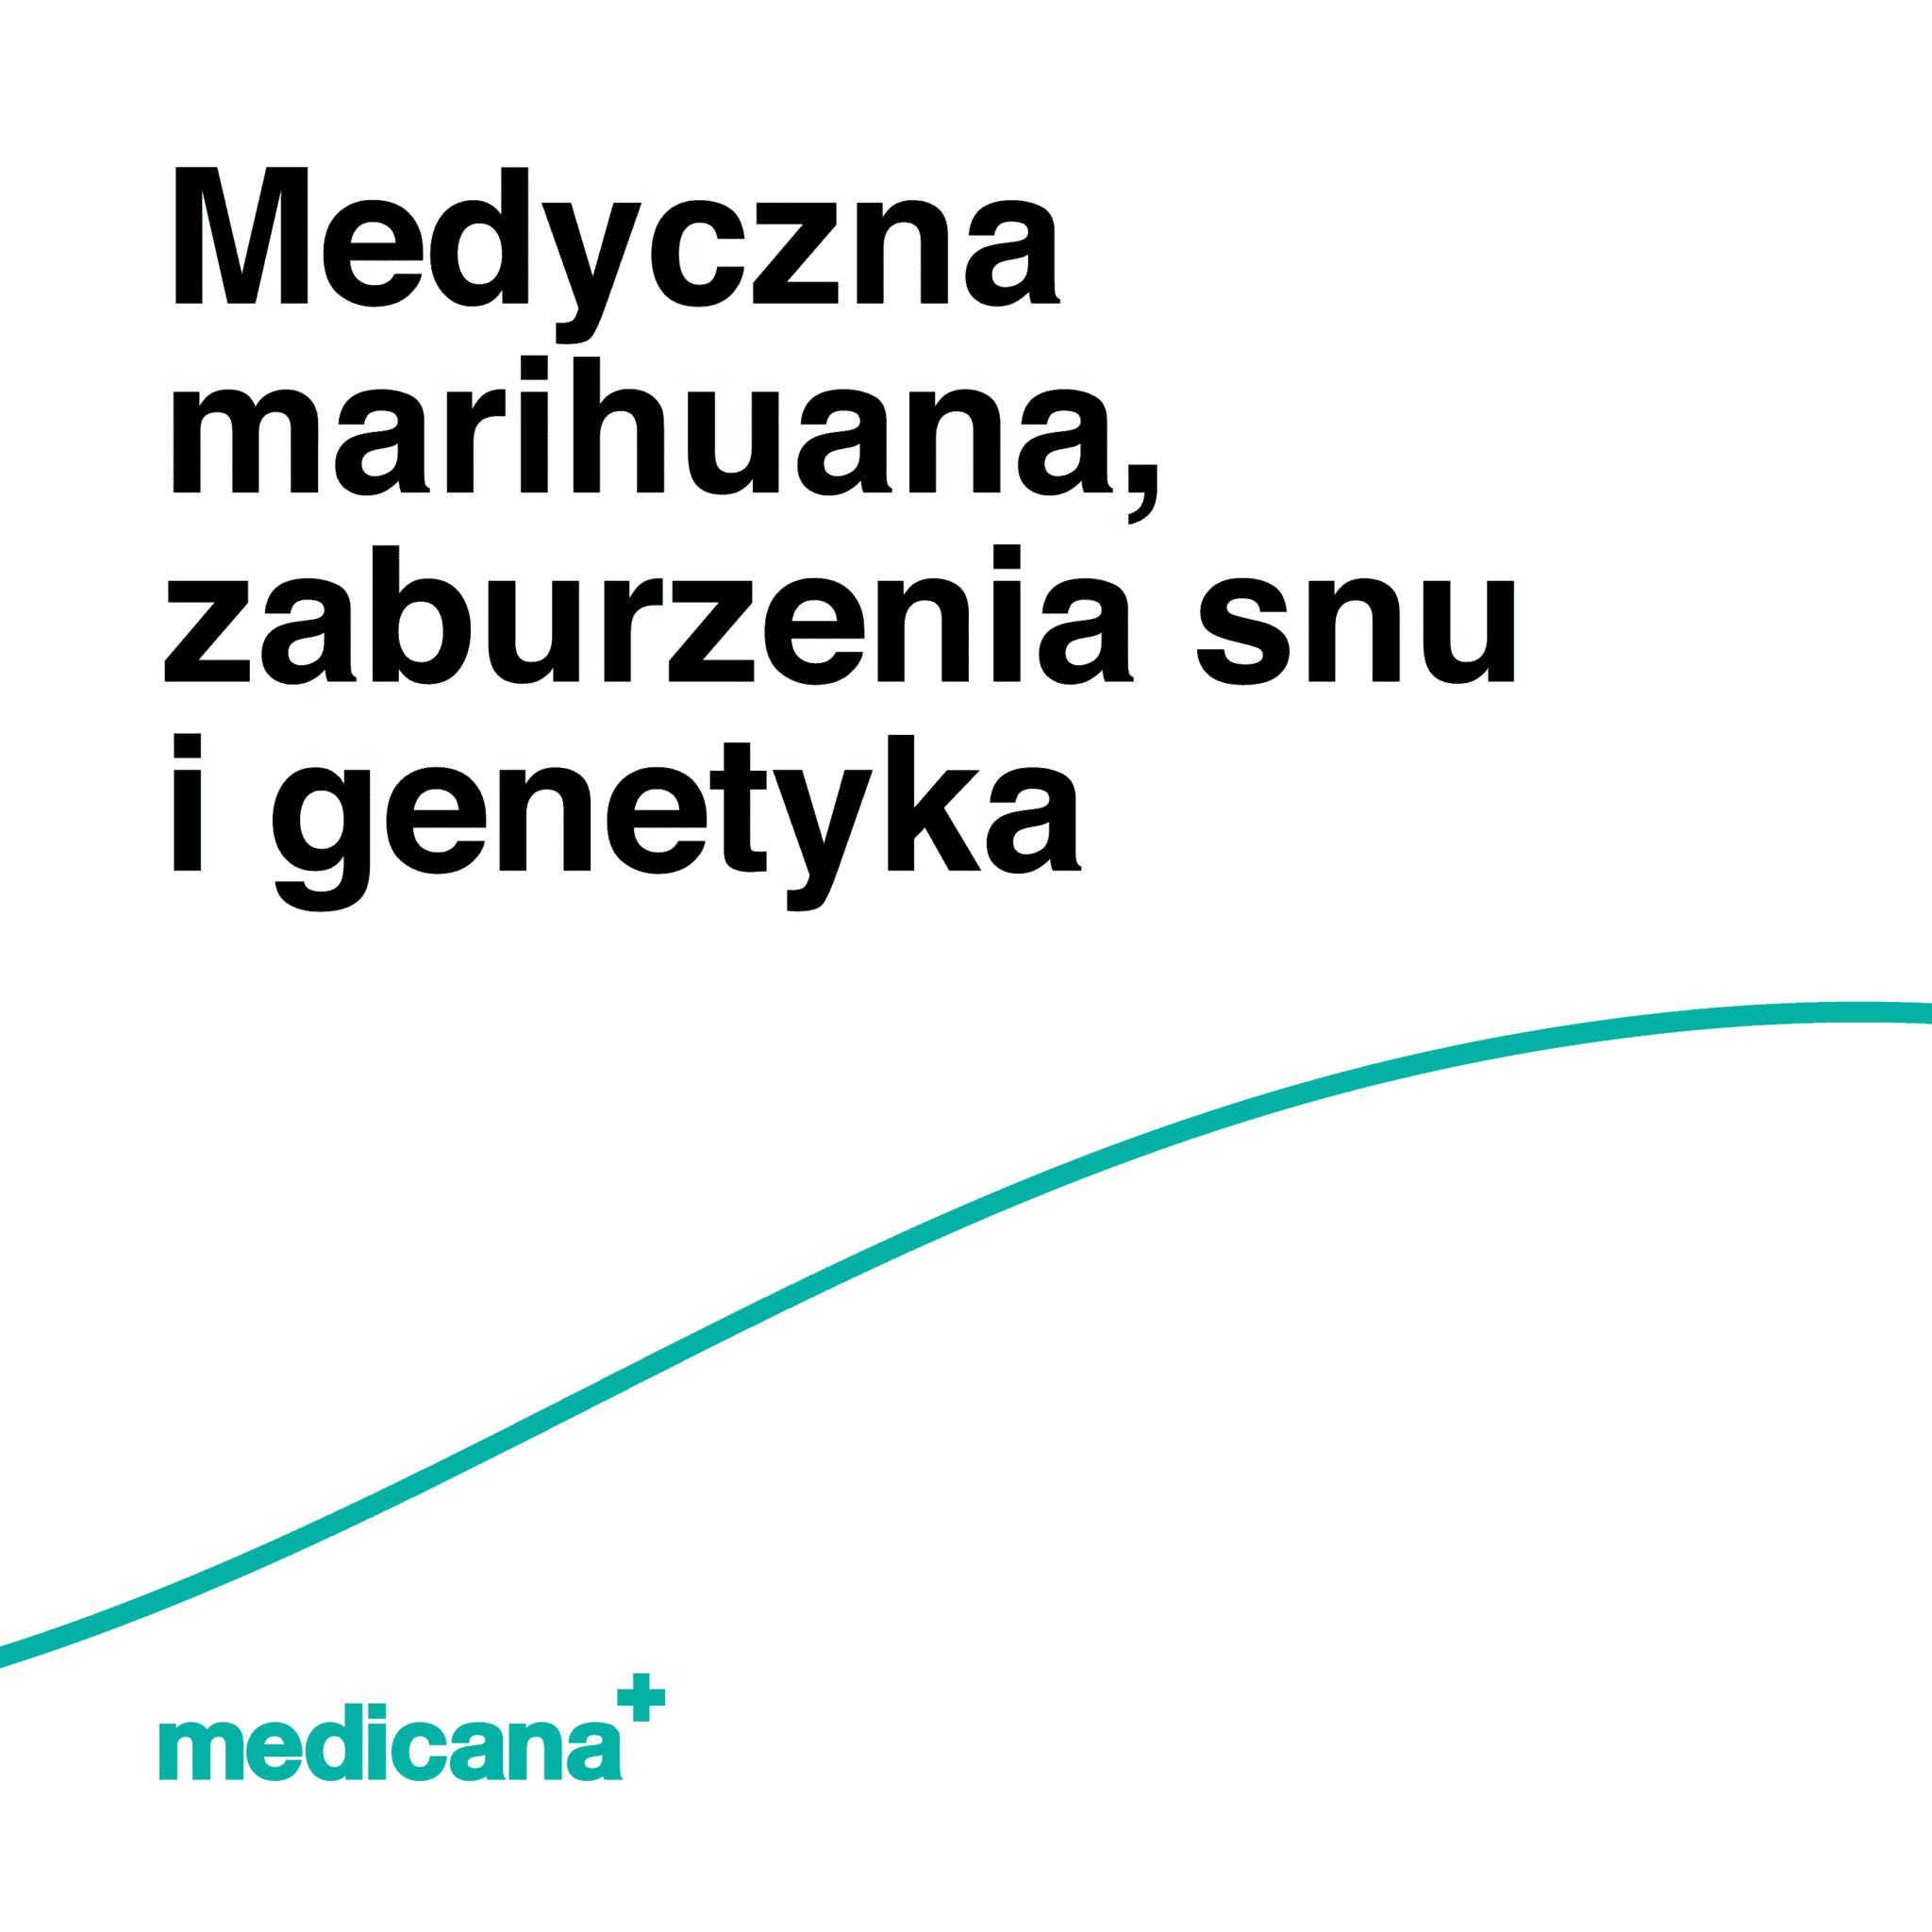 Grafika, białe tło z zieloną linią, czarnym napisem Medyczna marihuana, zaburzenia snu i genetyka oraz zielonym logo Medicana w lewym dolnym rogu.